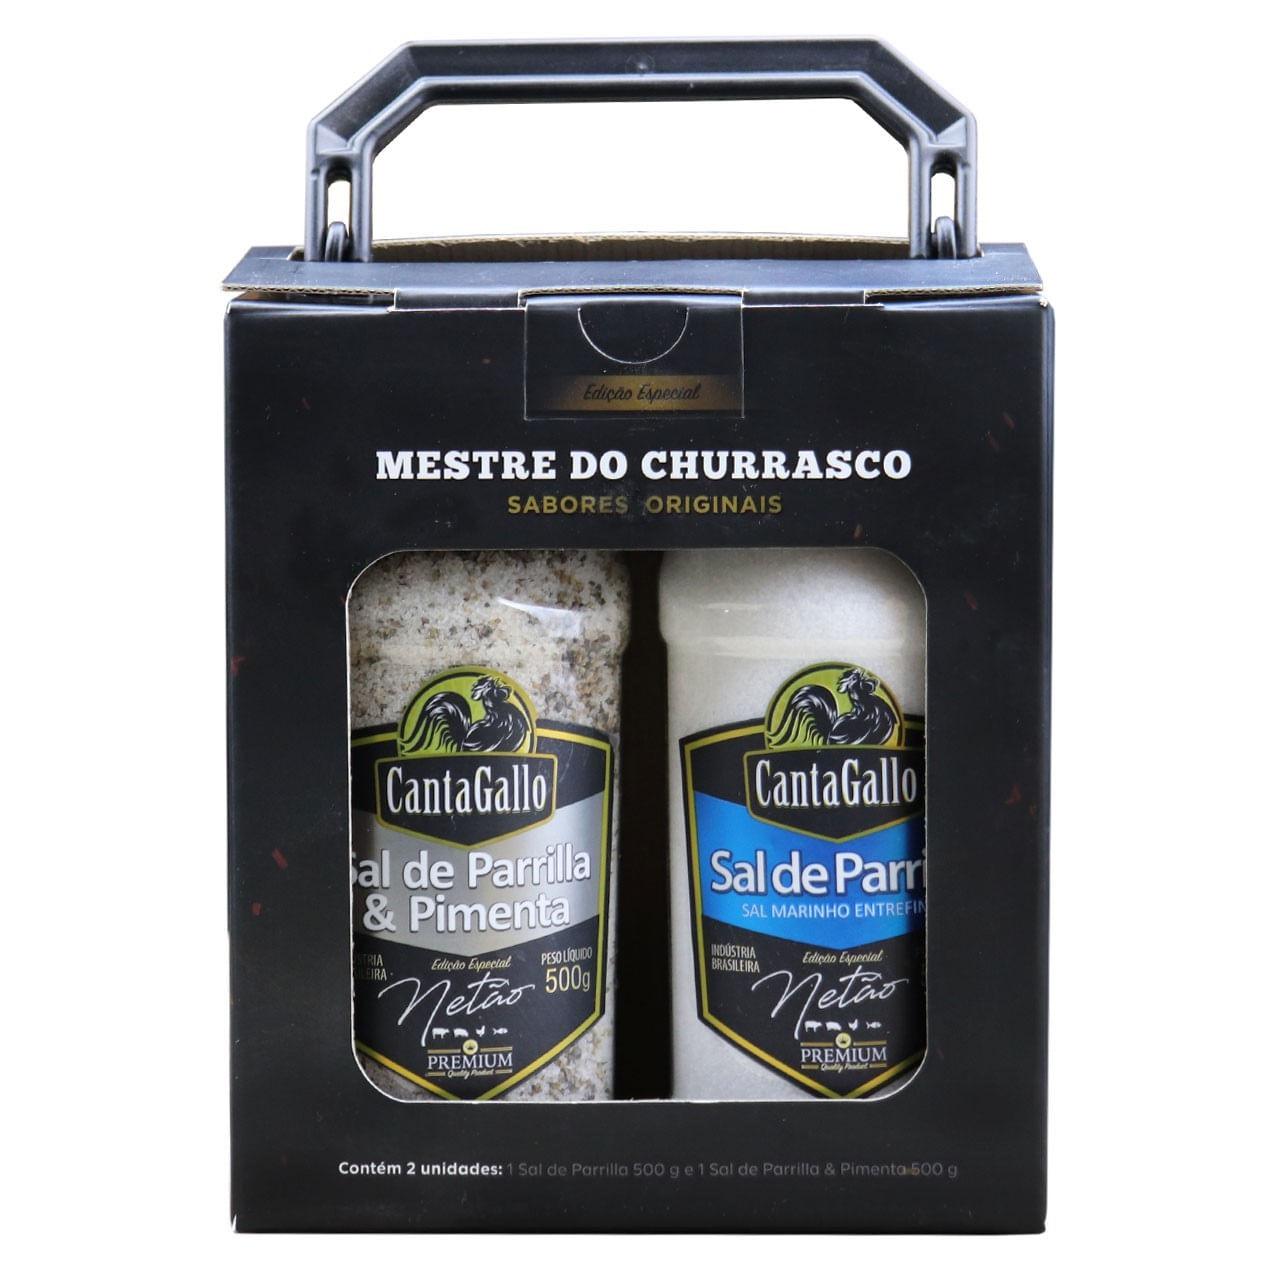 Kit-Netao-Canta-Gallo-Caixa-500g